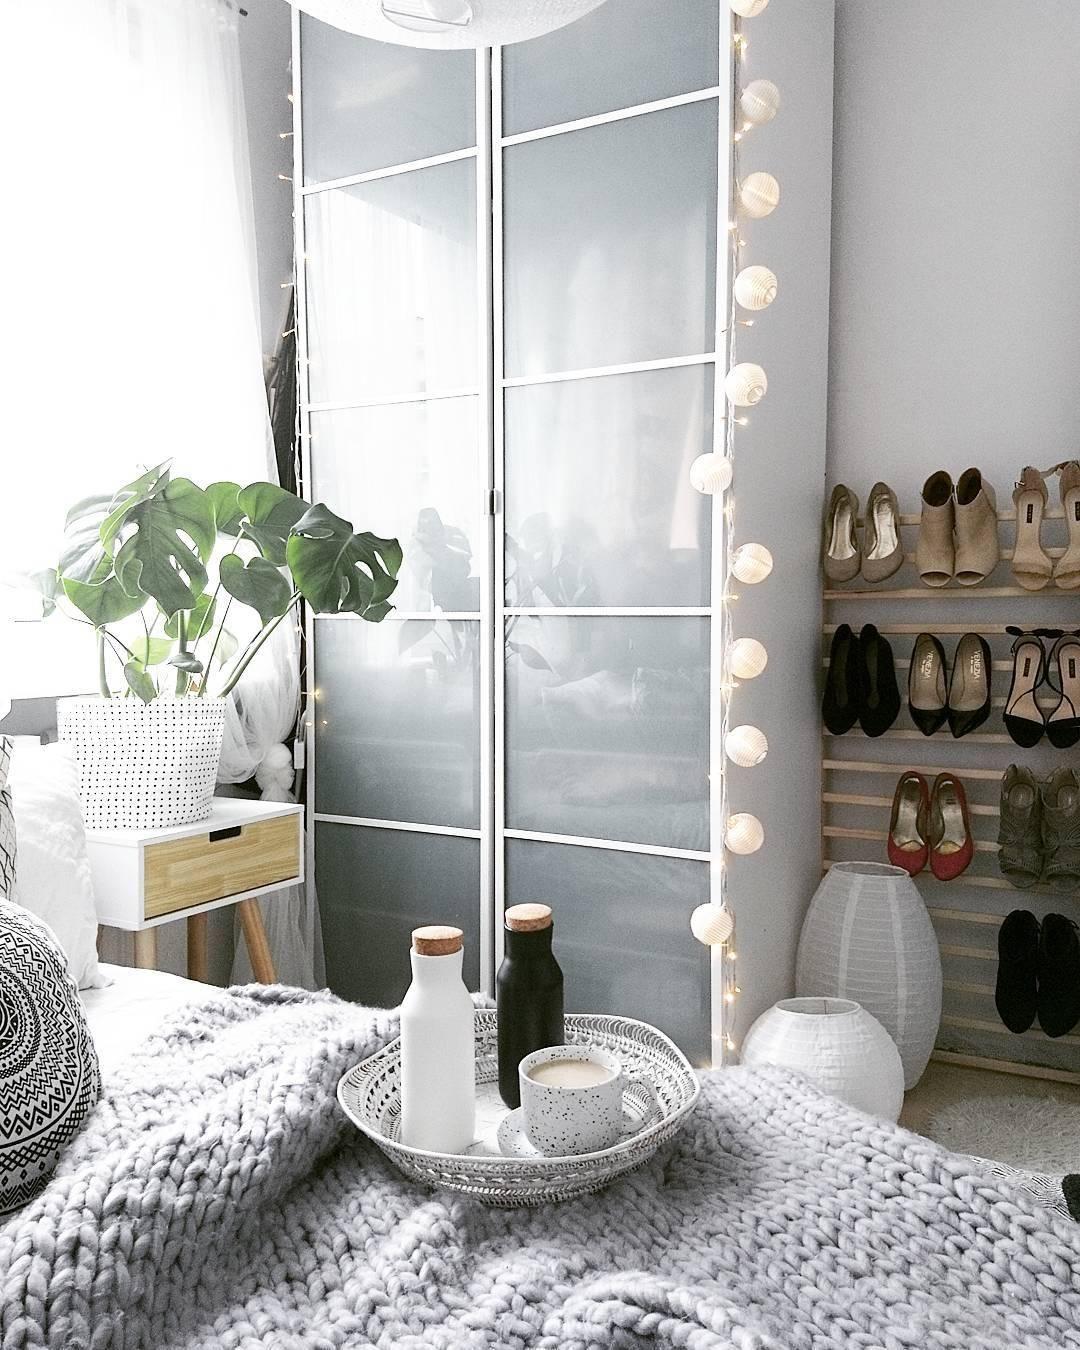 In Diesem Schlafzimmer Sorgen Wohn Accessoires Wie Die Lichterkette White  Für Stimmungsvolles Ambiente. Hier